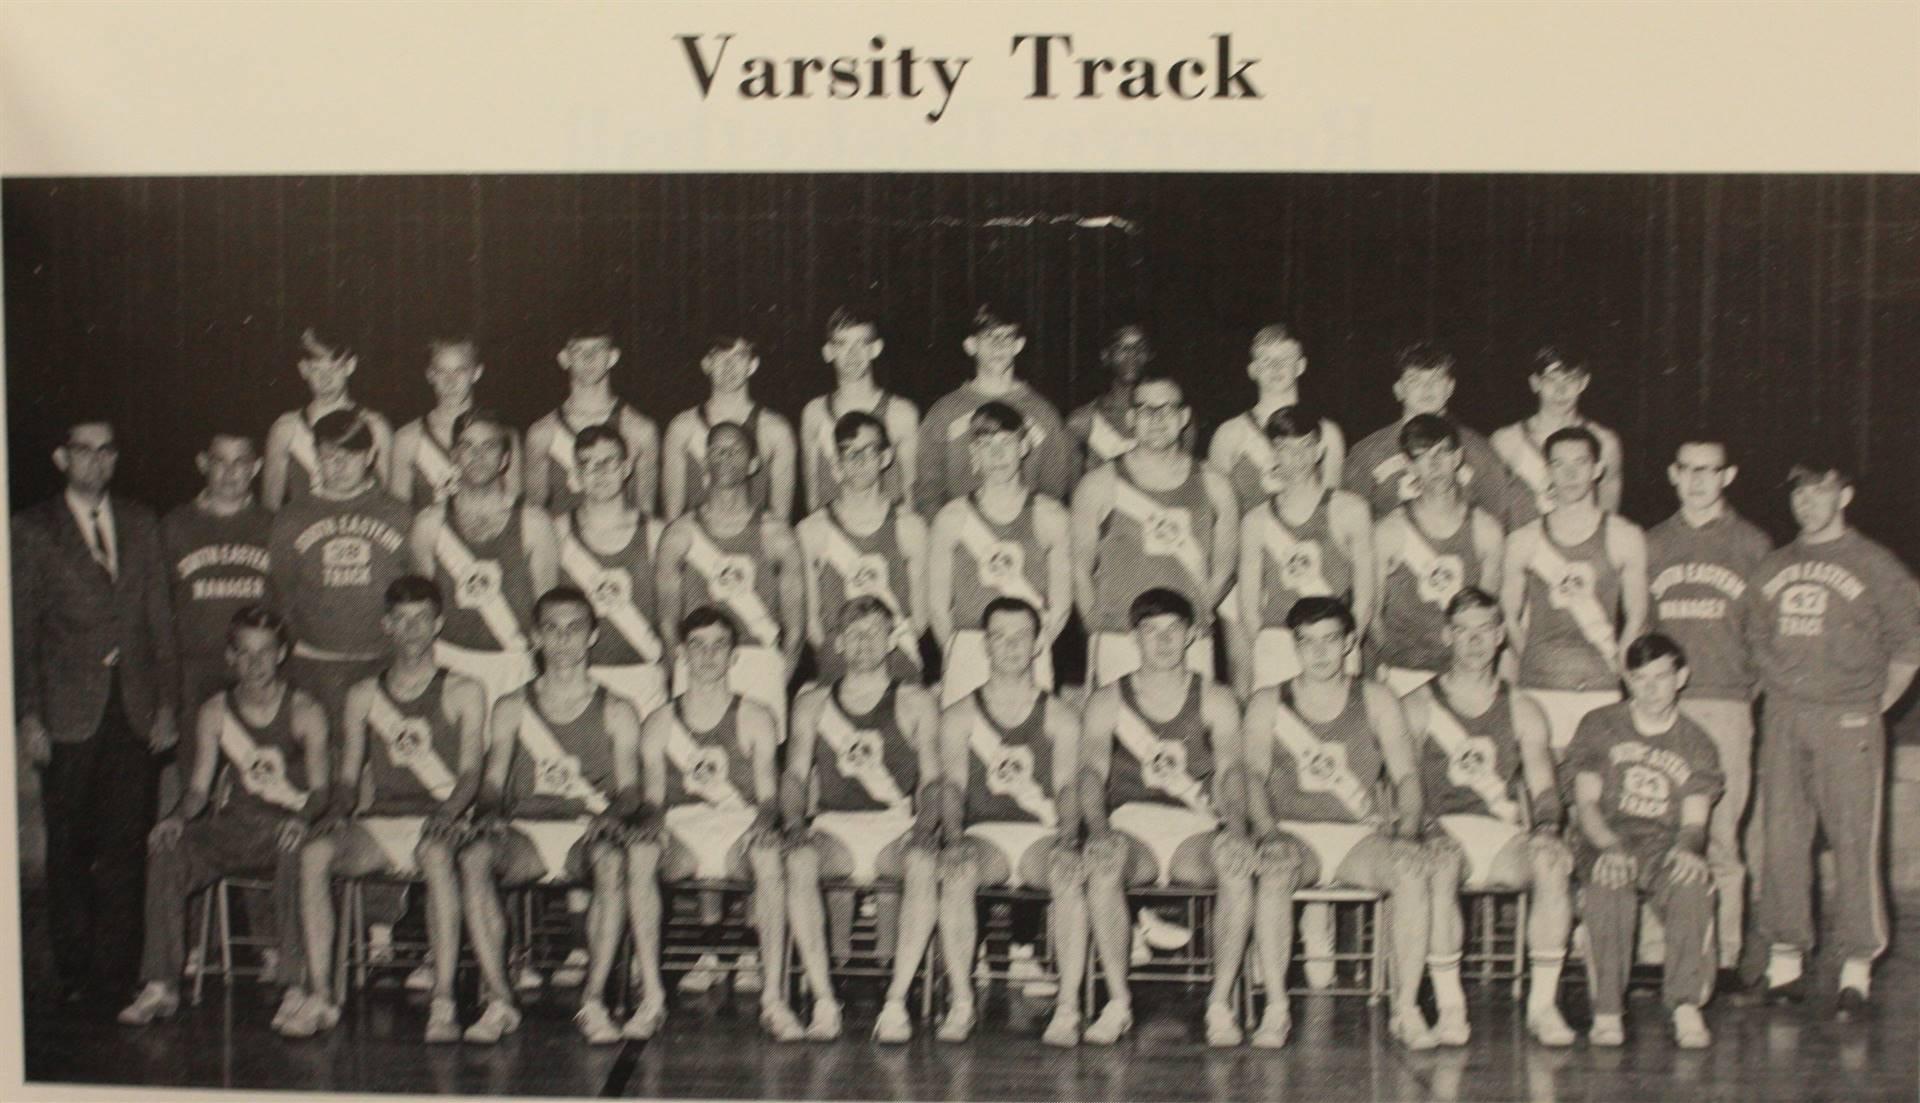 1968 Varsity Track